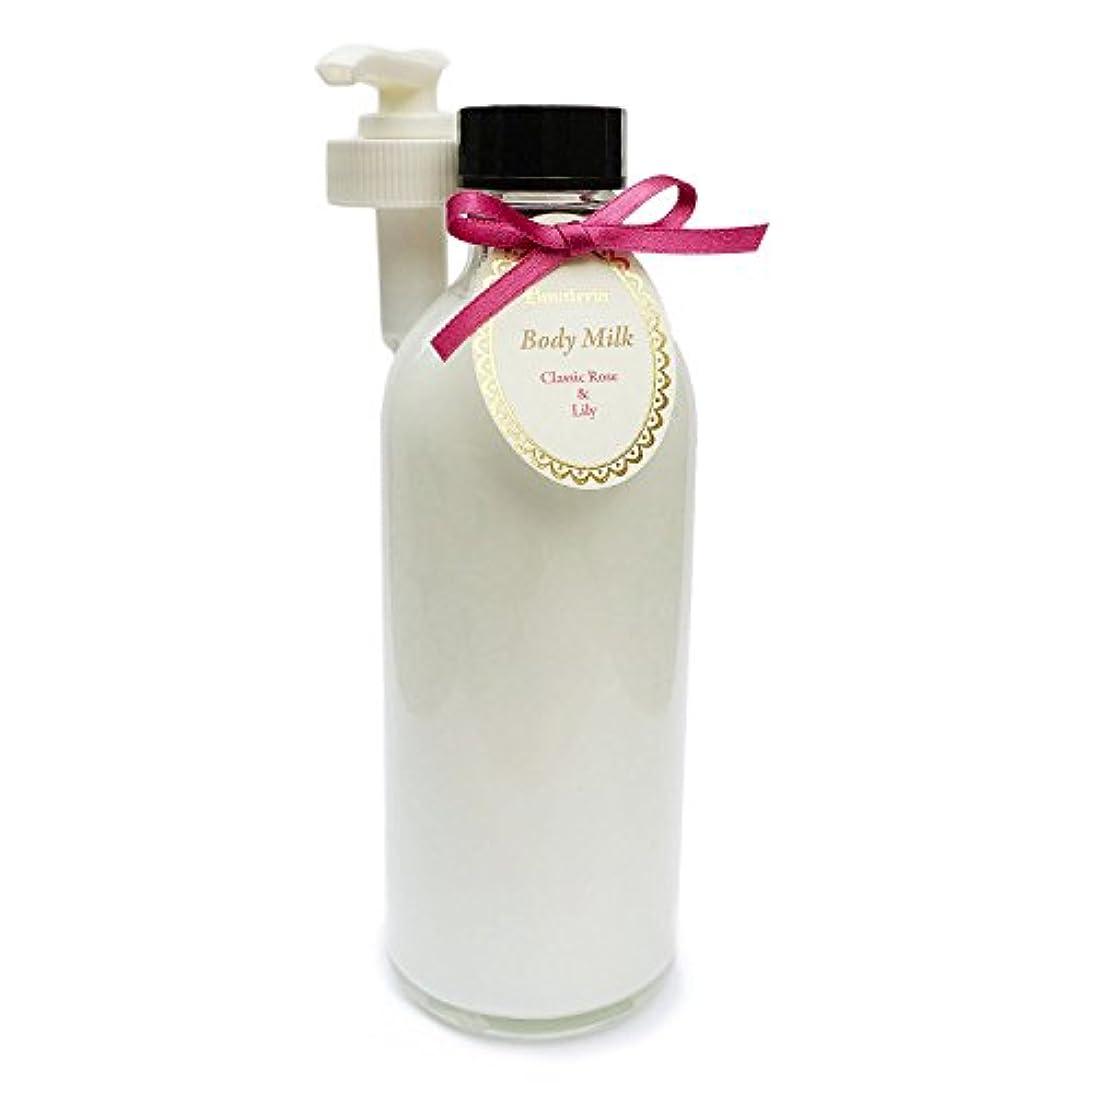 ヤギ万歳縫うD materia ボディミルク クラシックローズ&リリー Classic Rose&Lily Body Milk ディーマテリア